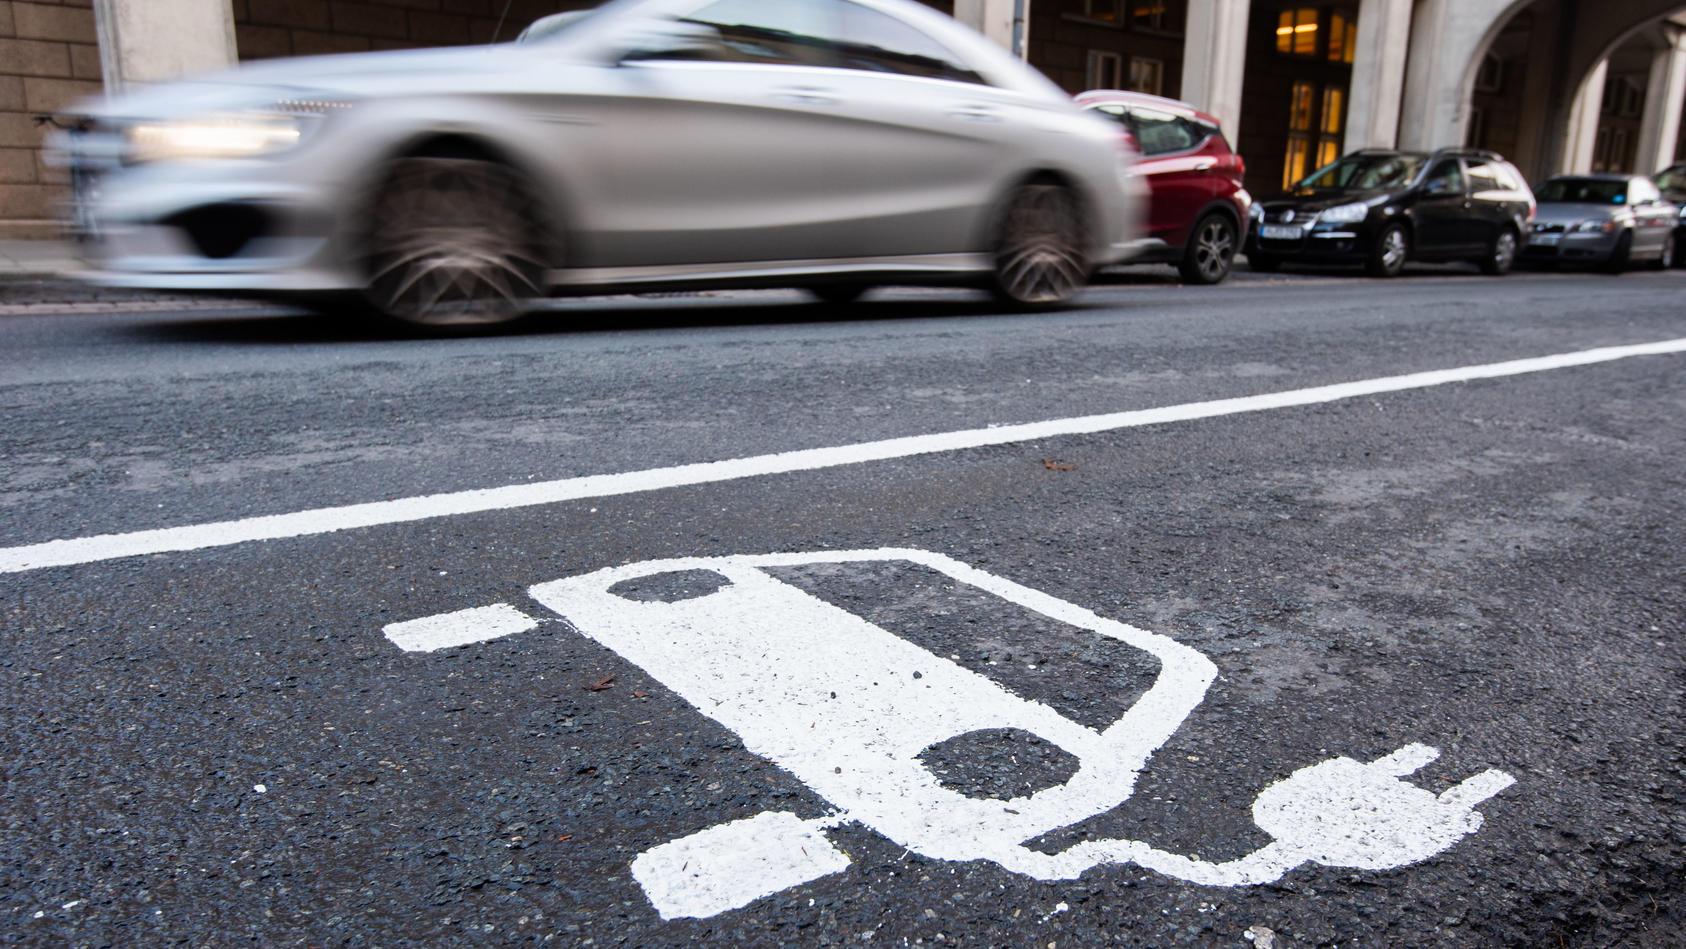 Ladeinfrastruktur für E-Autos soll ausgeweitet werden